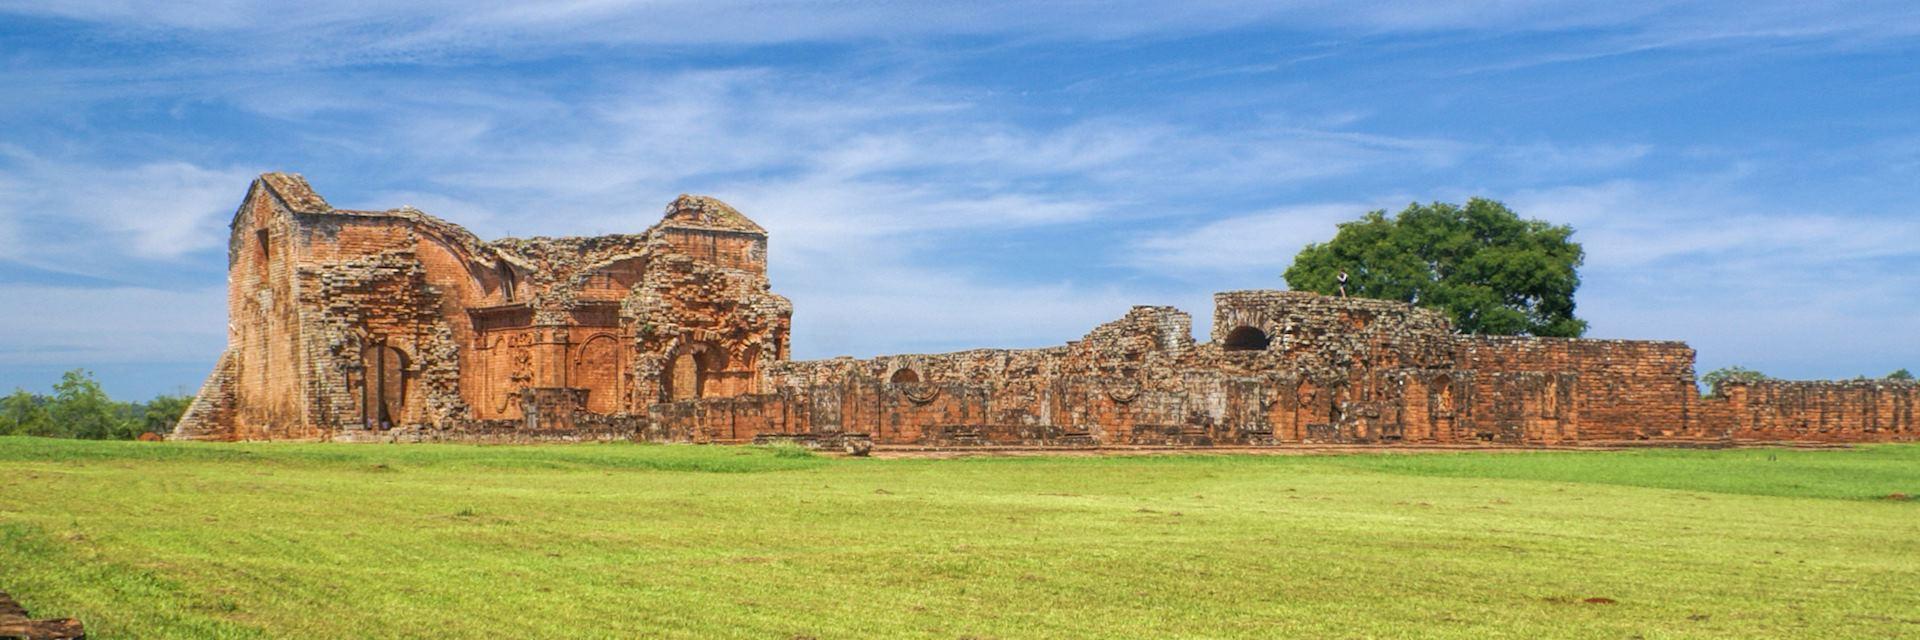 Encarnacion and Jesuit ruins, Paraguay